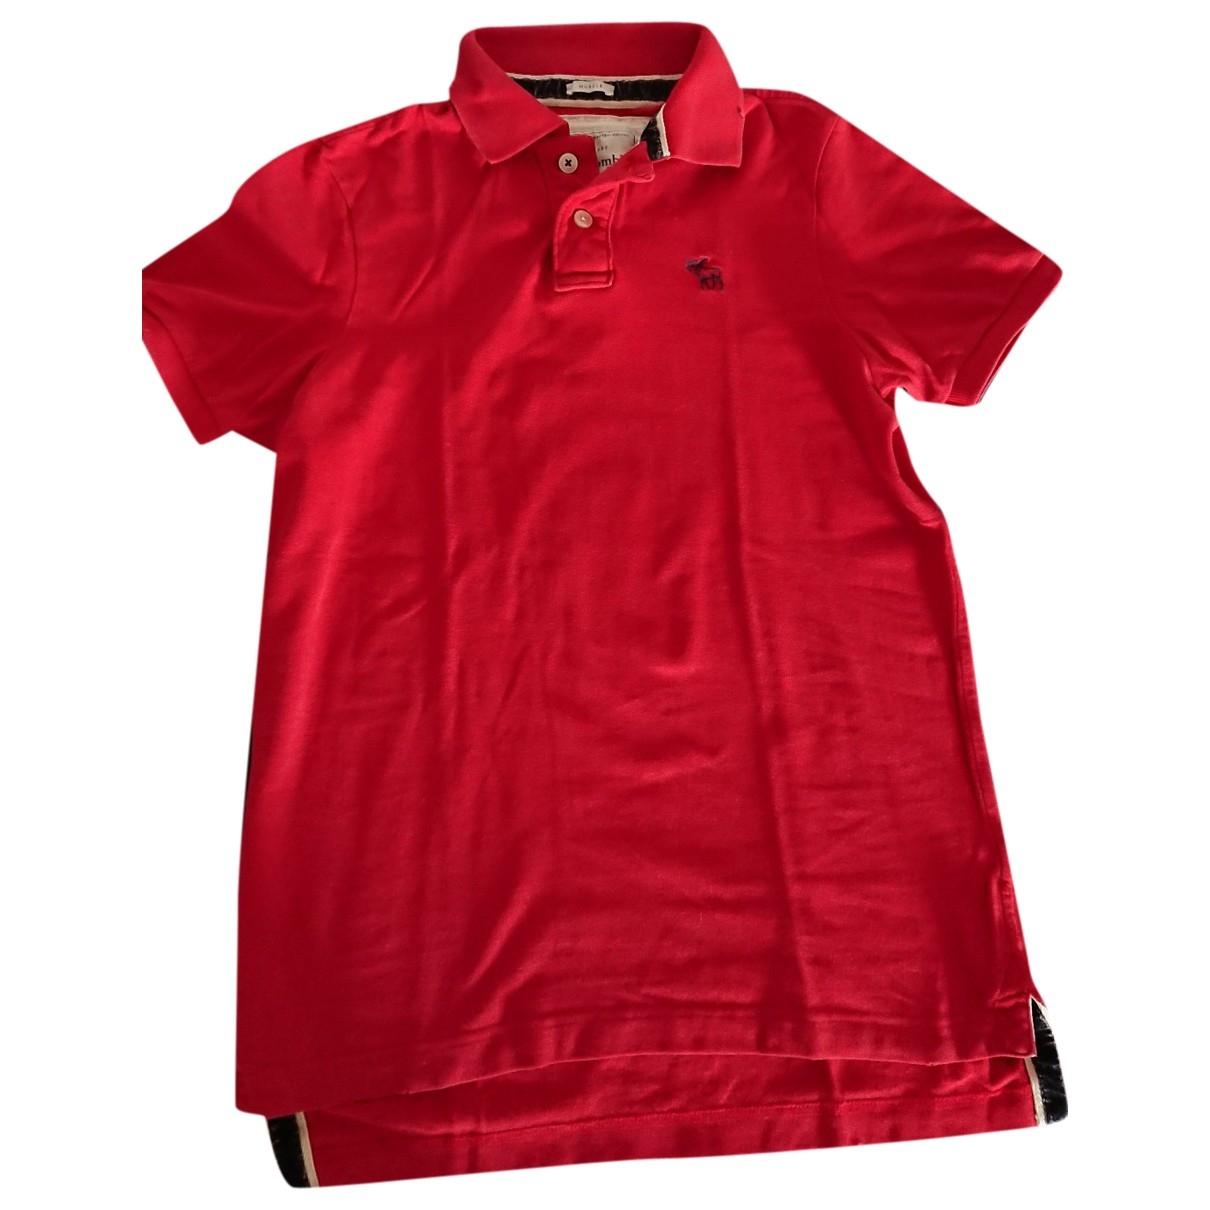 Abercrombie & Fitch - Polos   pour homme en coton - rouge